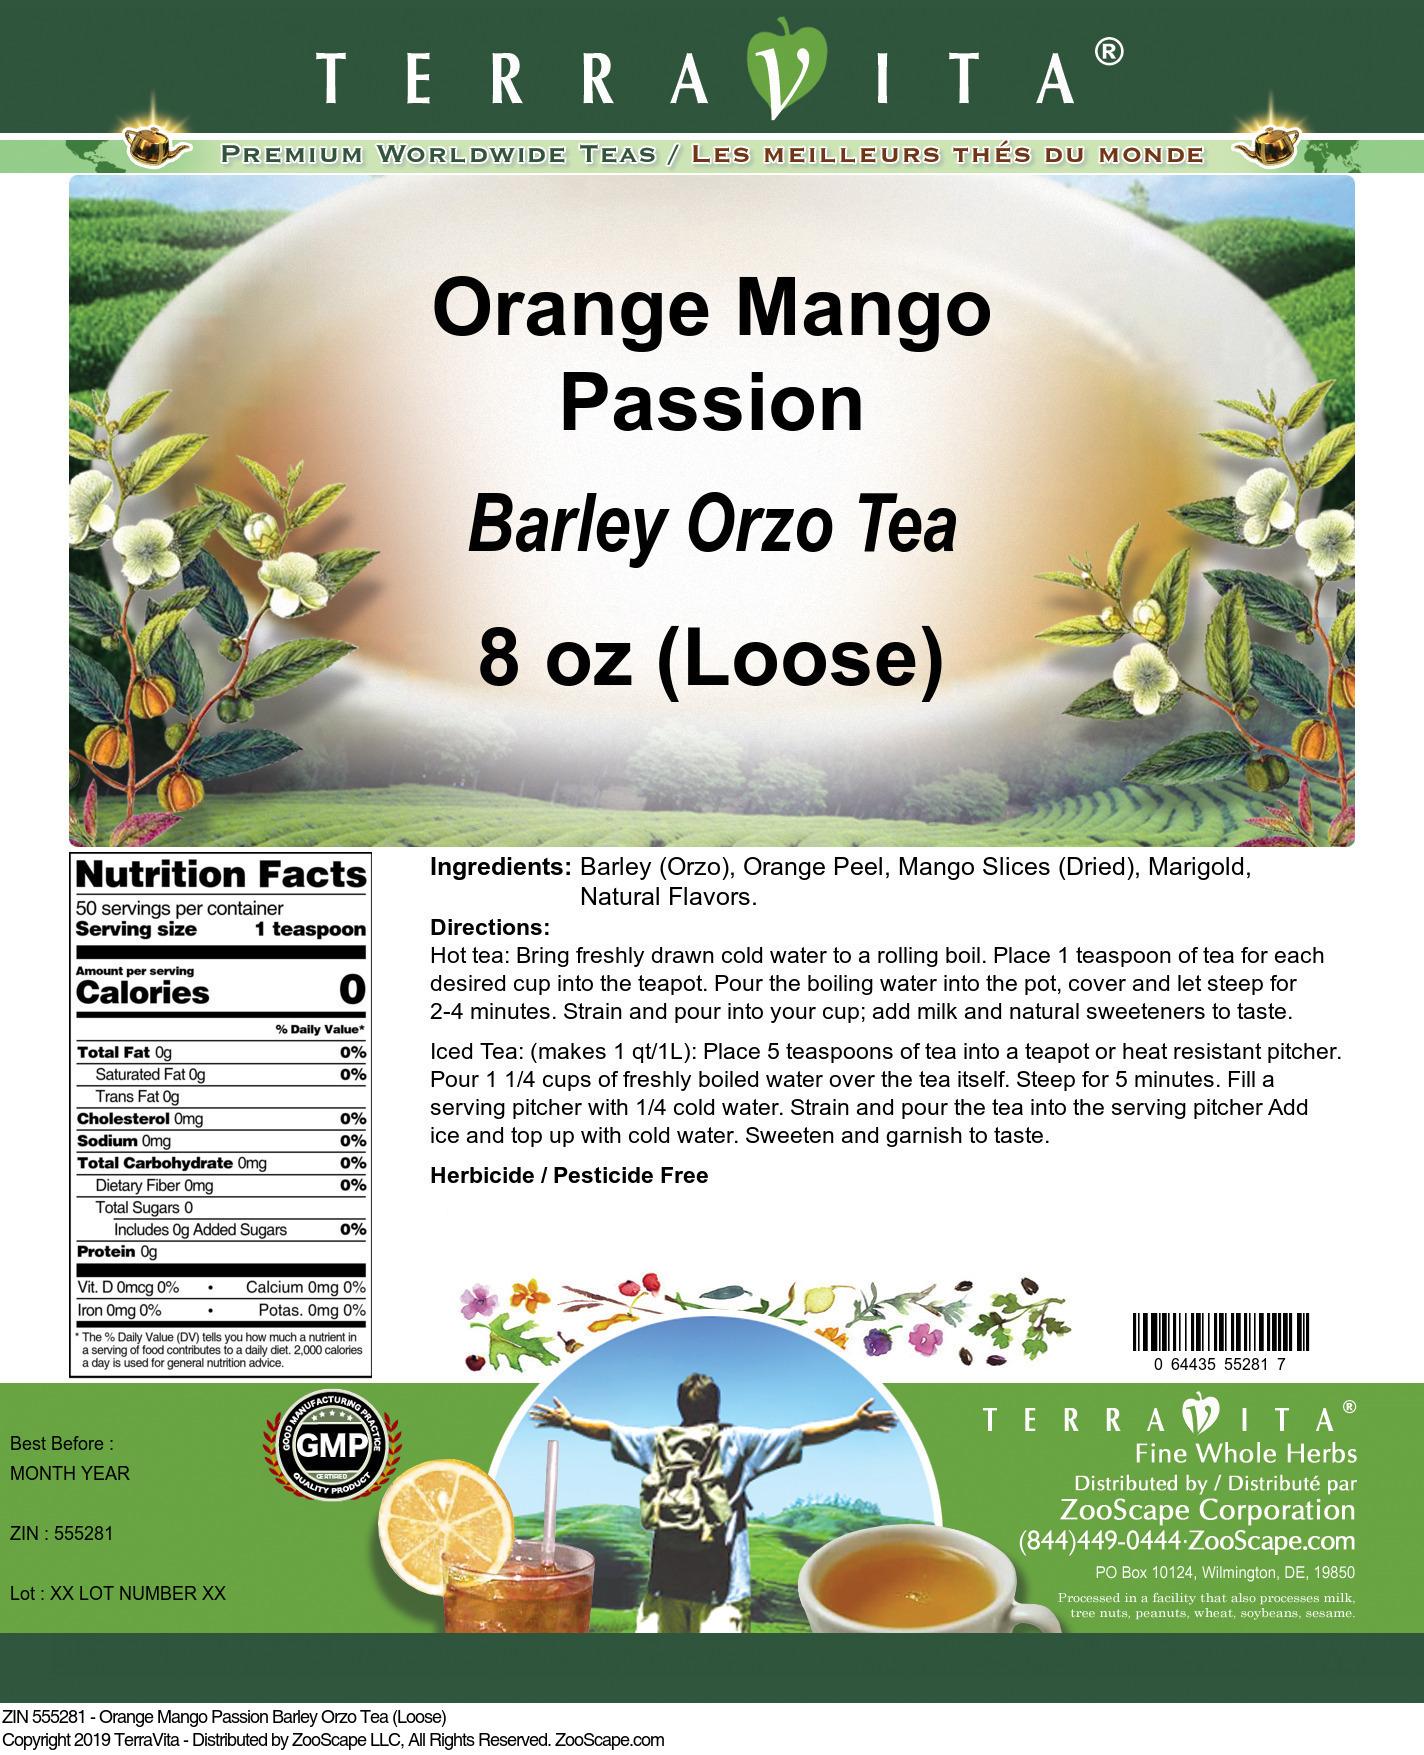 Orange Mango Passion Barley Orzo